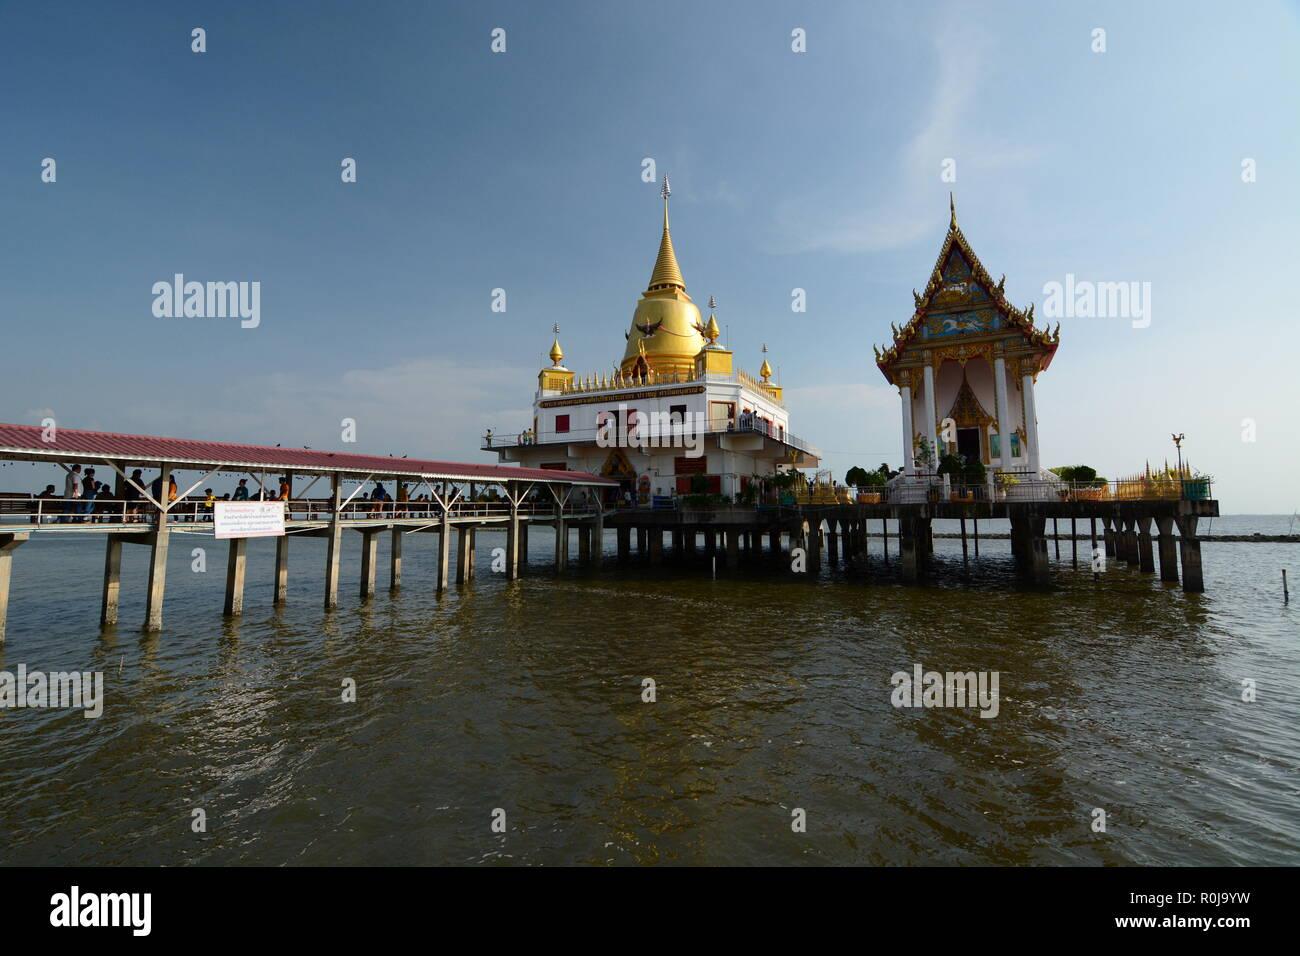 Wat Hong Thong. Bang Pakong. Chachoengsao province. Thailand - Stock Image